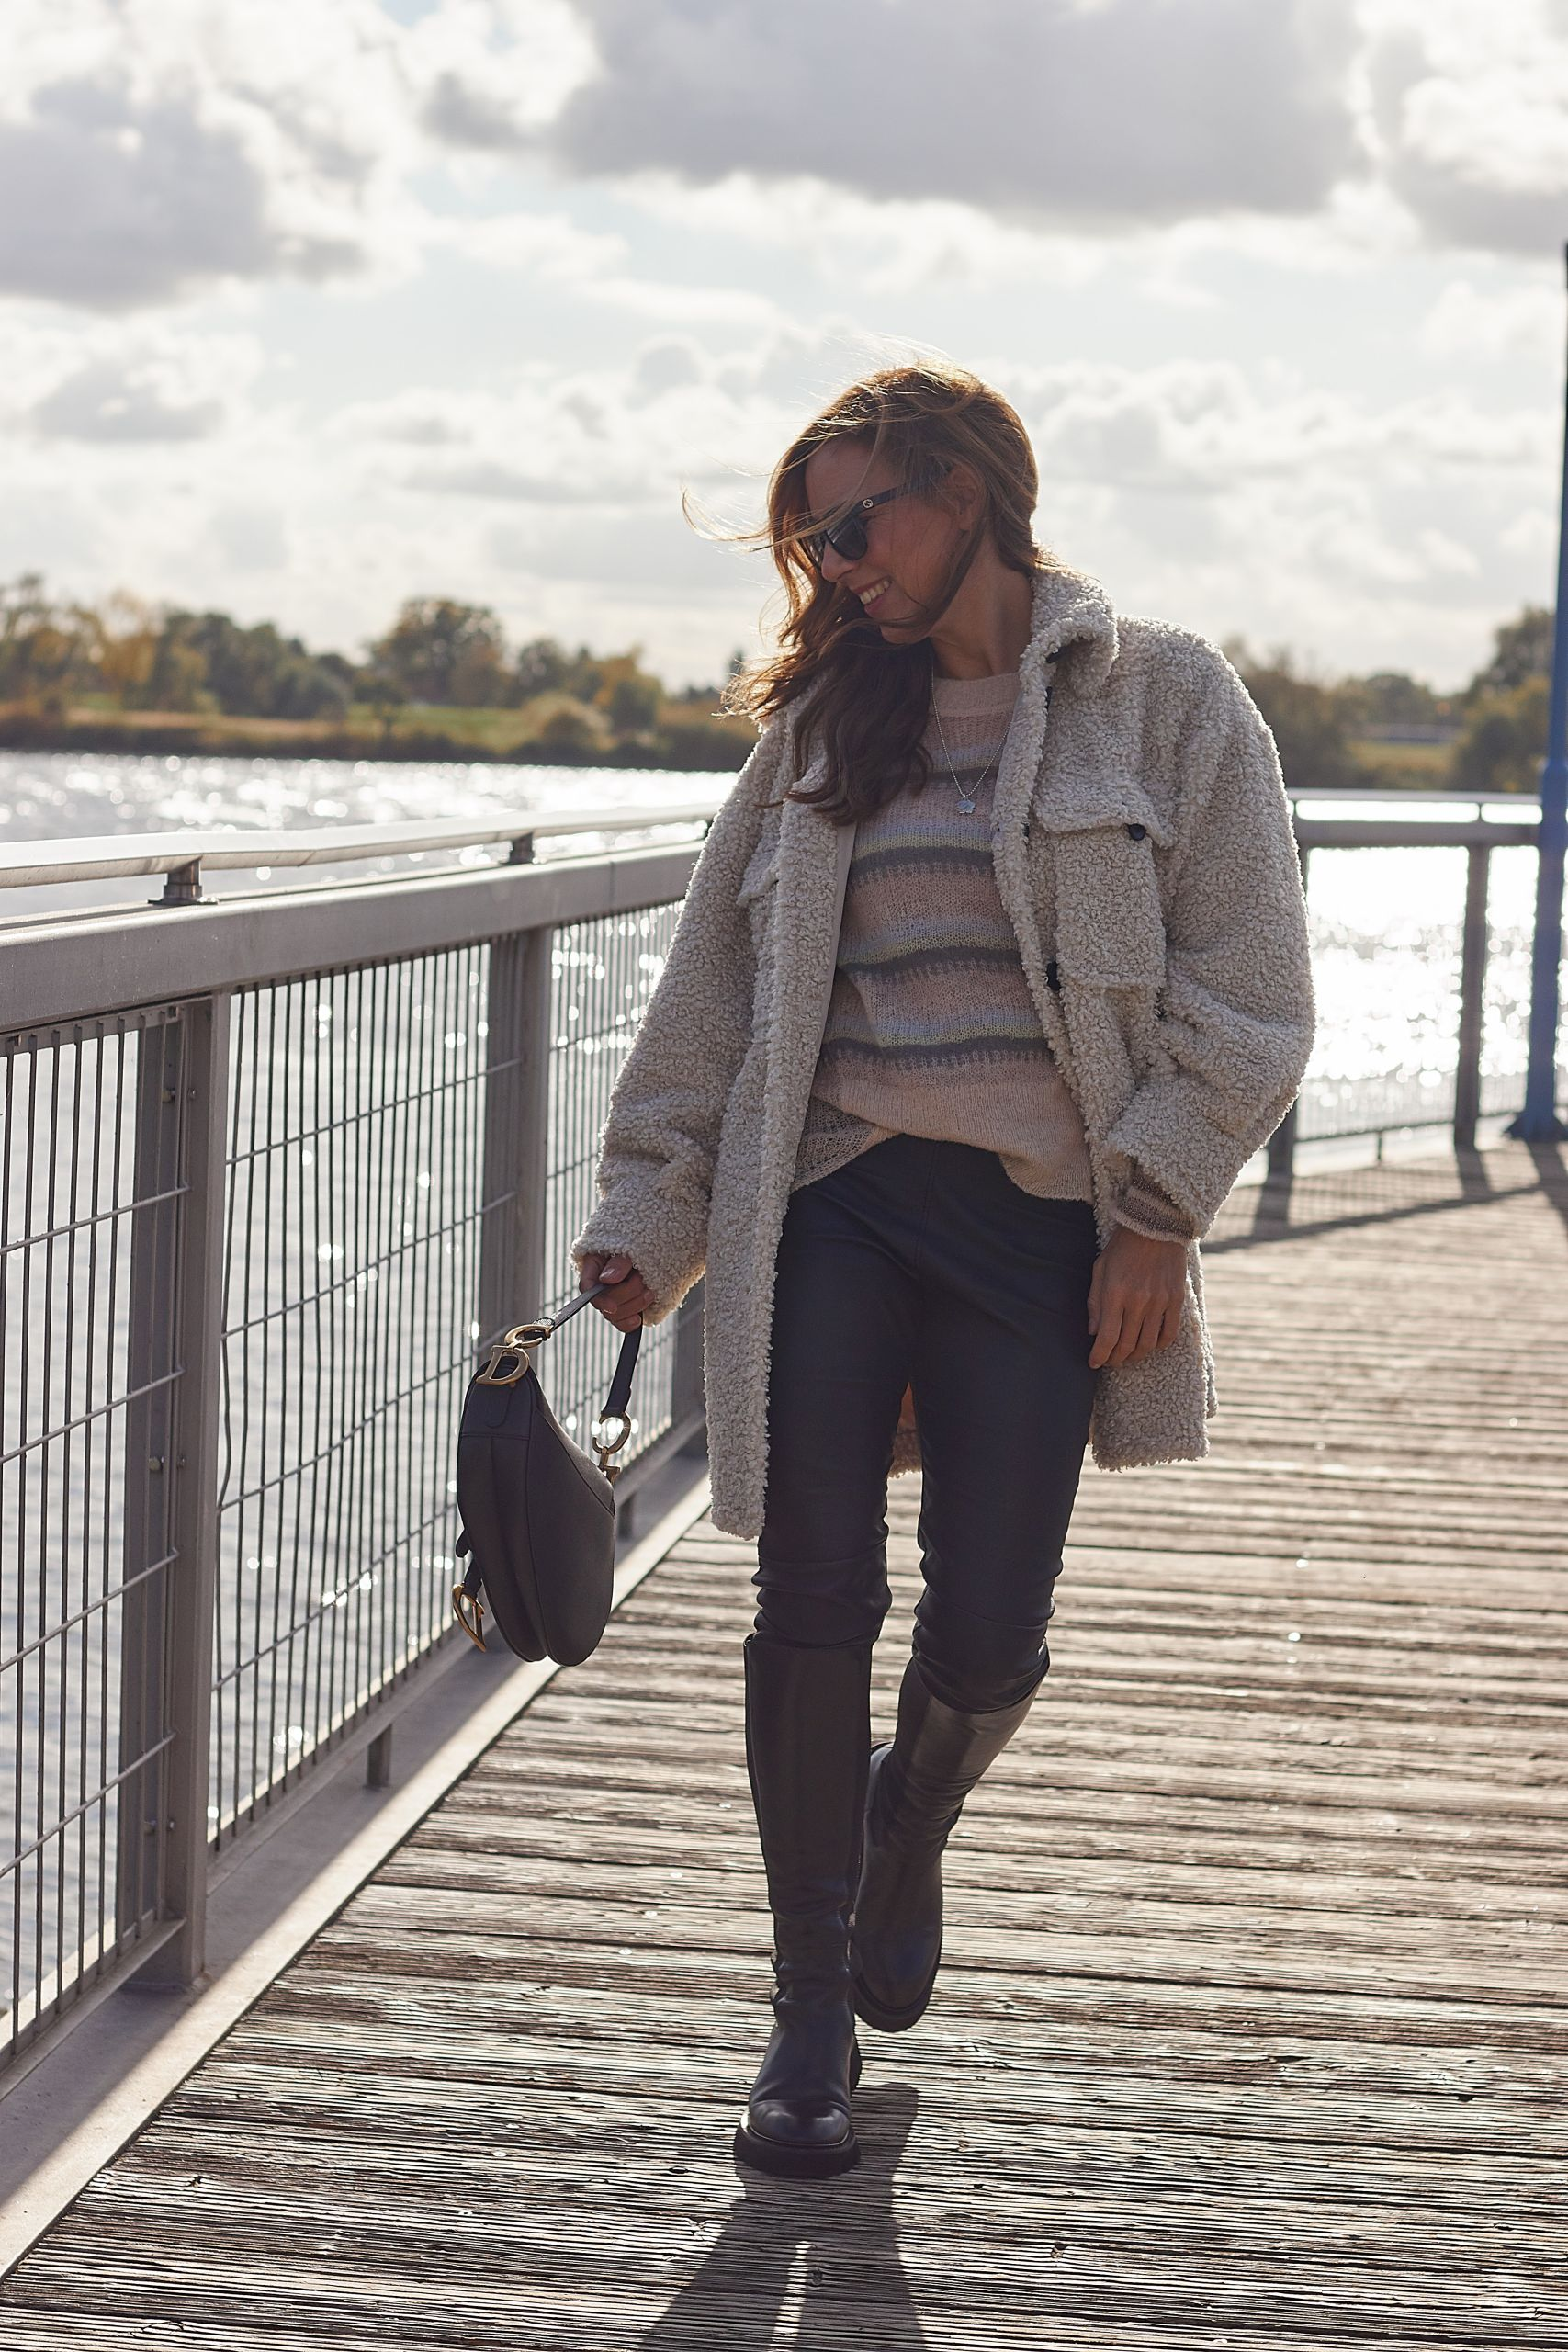 Raffaele Riccardi Stiefel und Dior Saddle Bag zur Teddy Jacke von Gosche an der Elbe